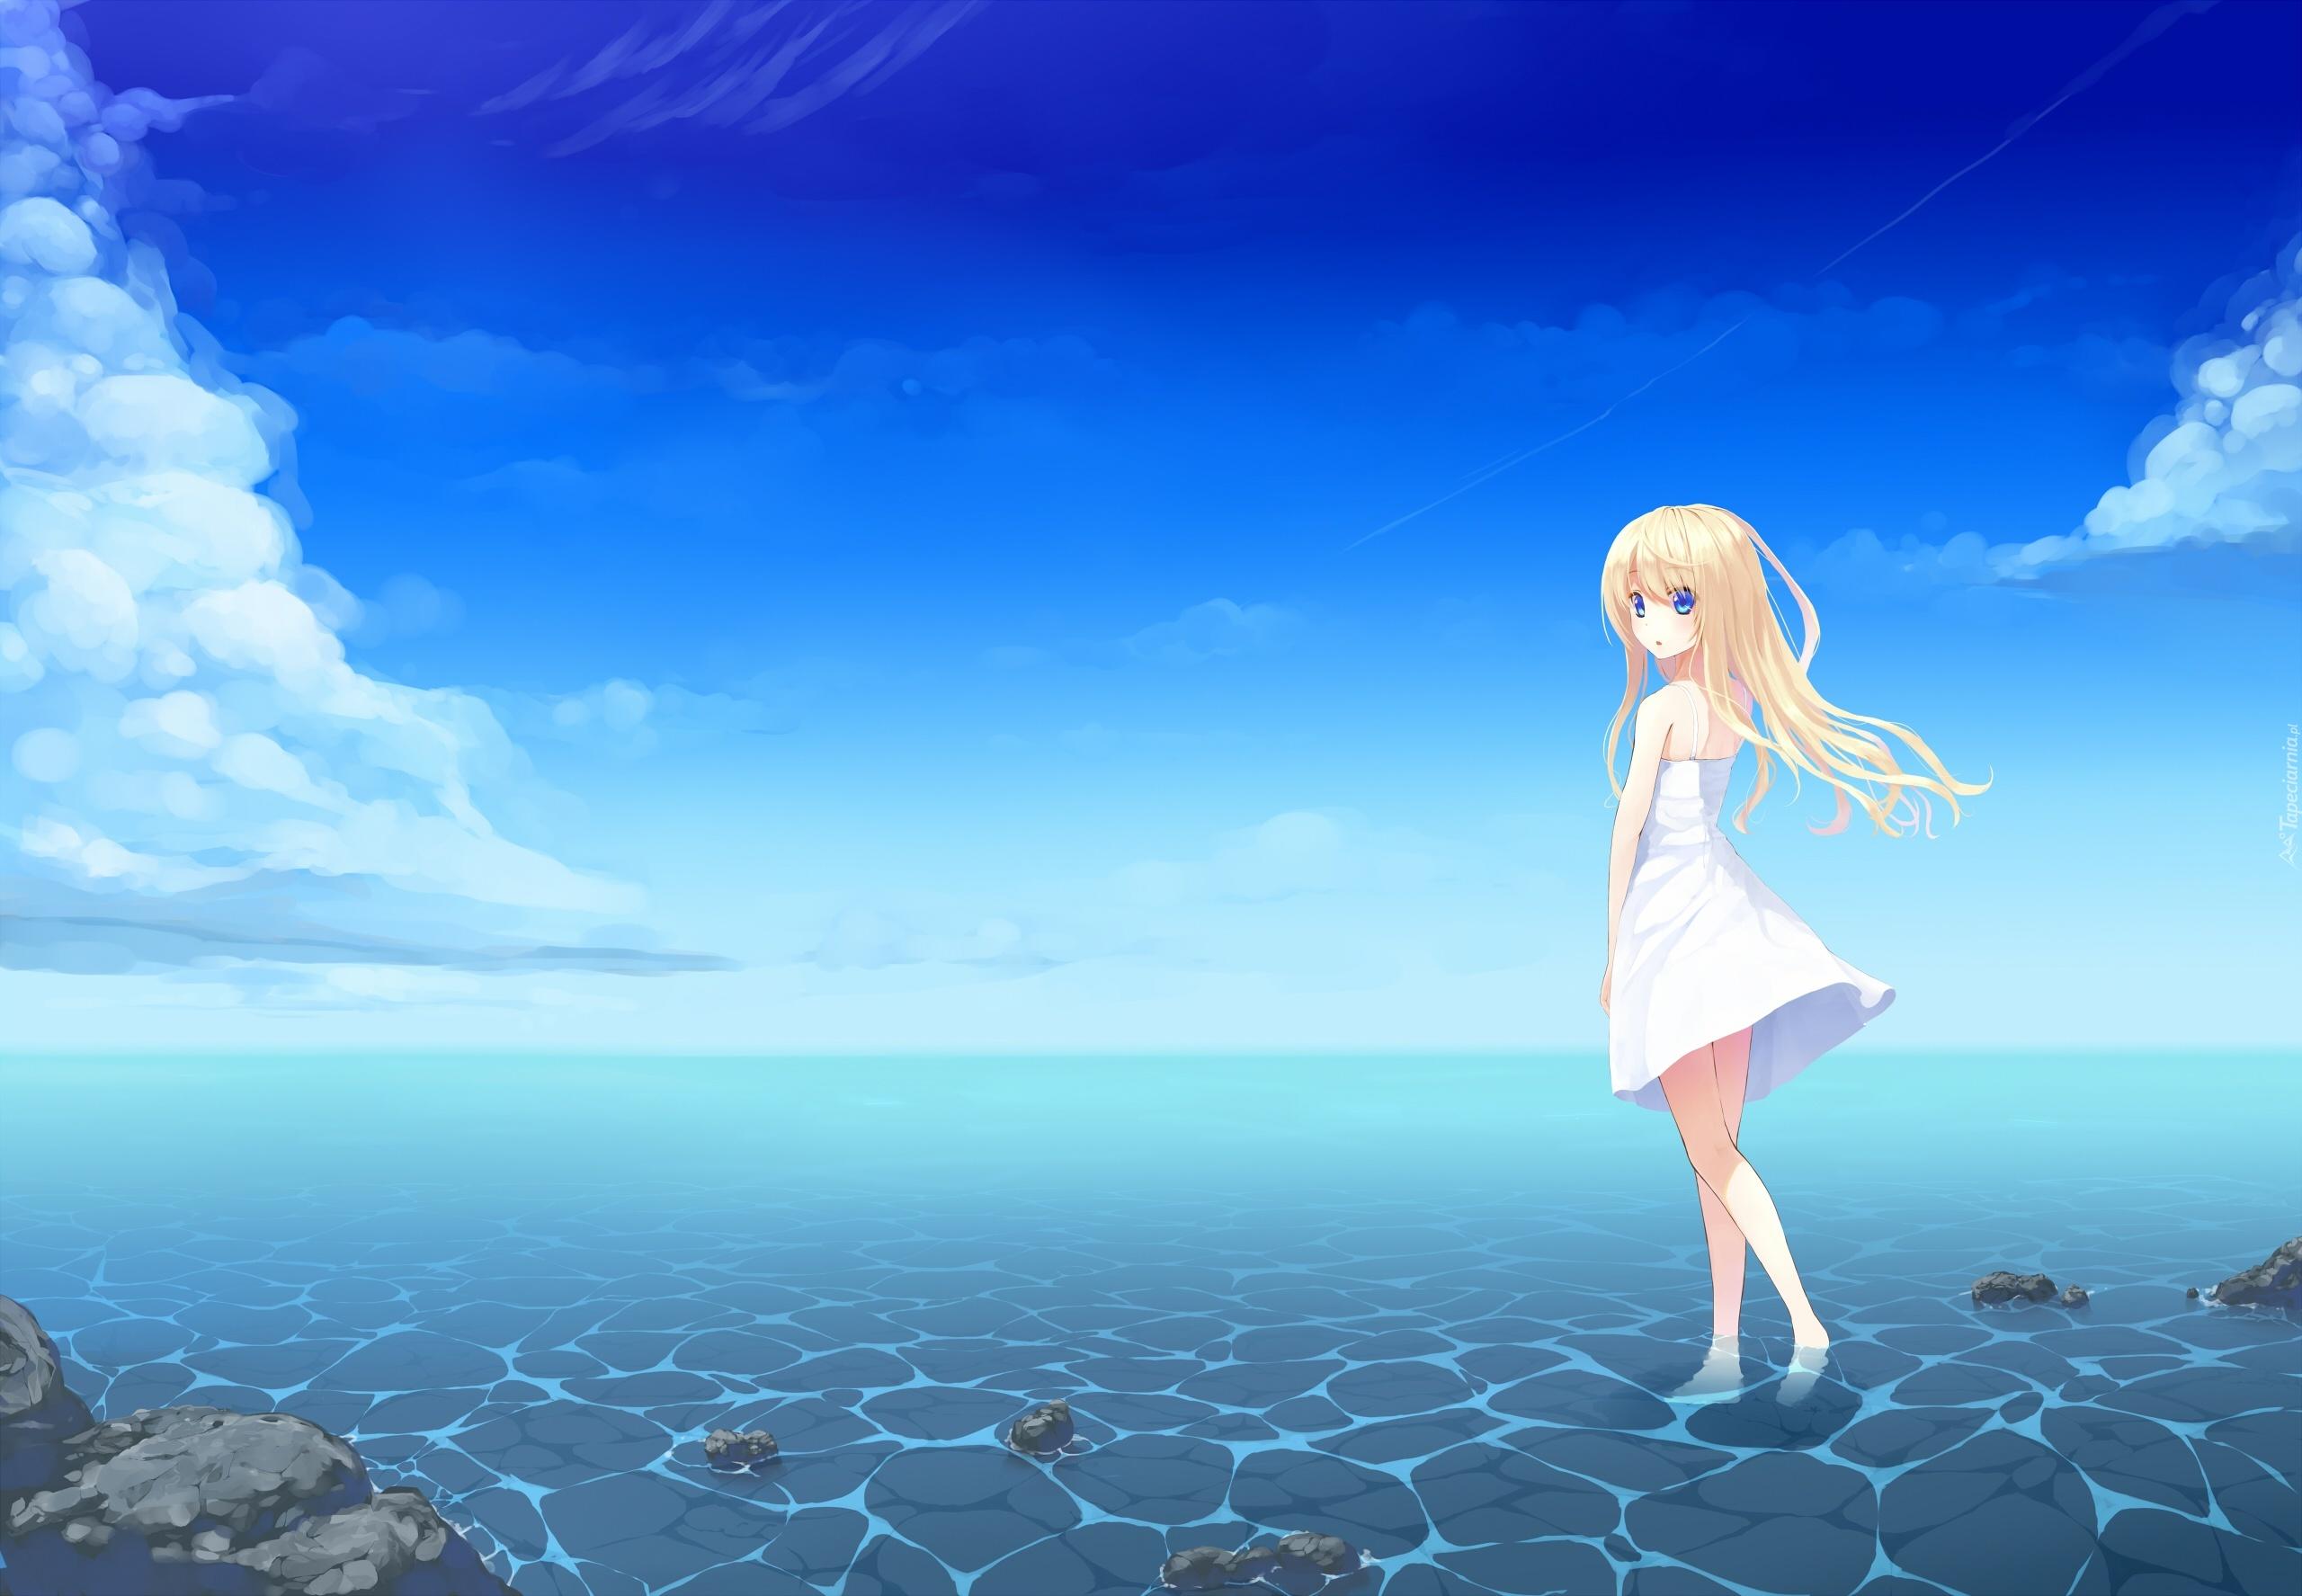 Dziewczyna woda niebo anime - Beach anime girl ...